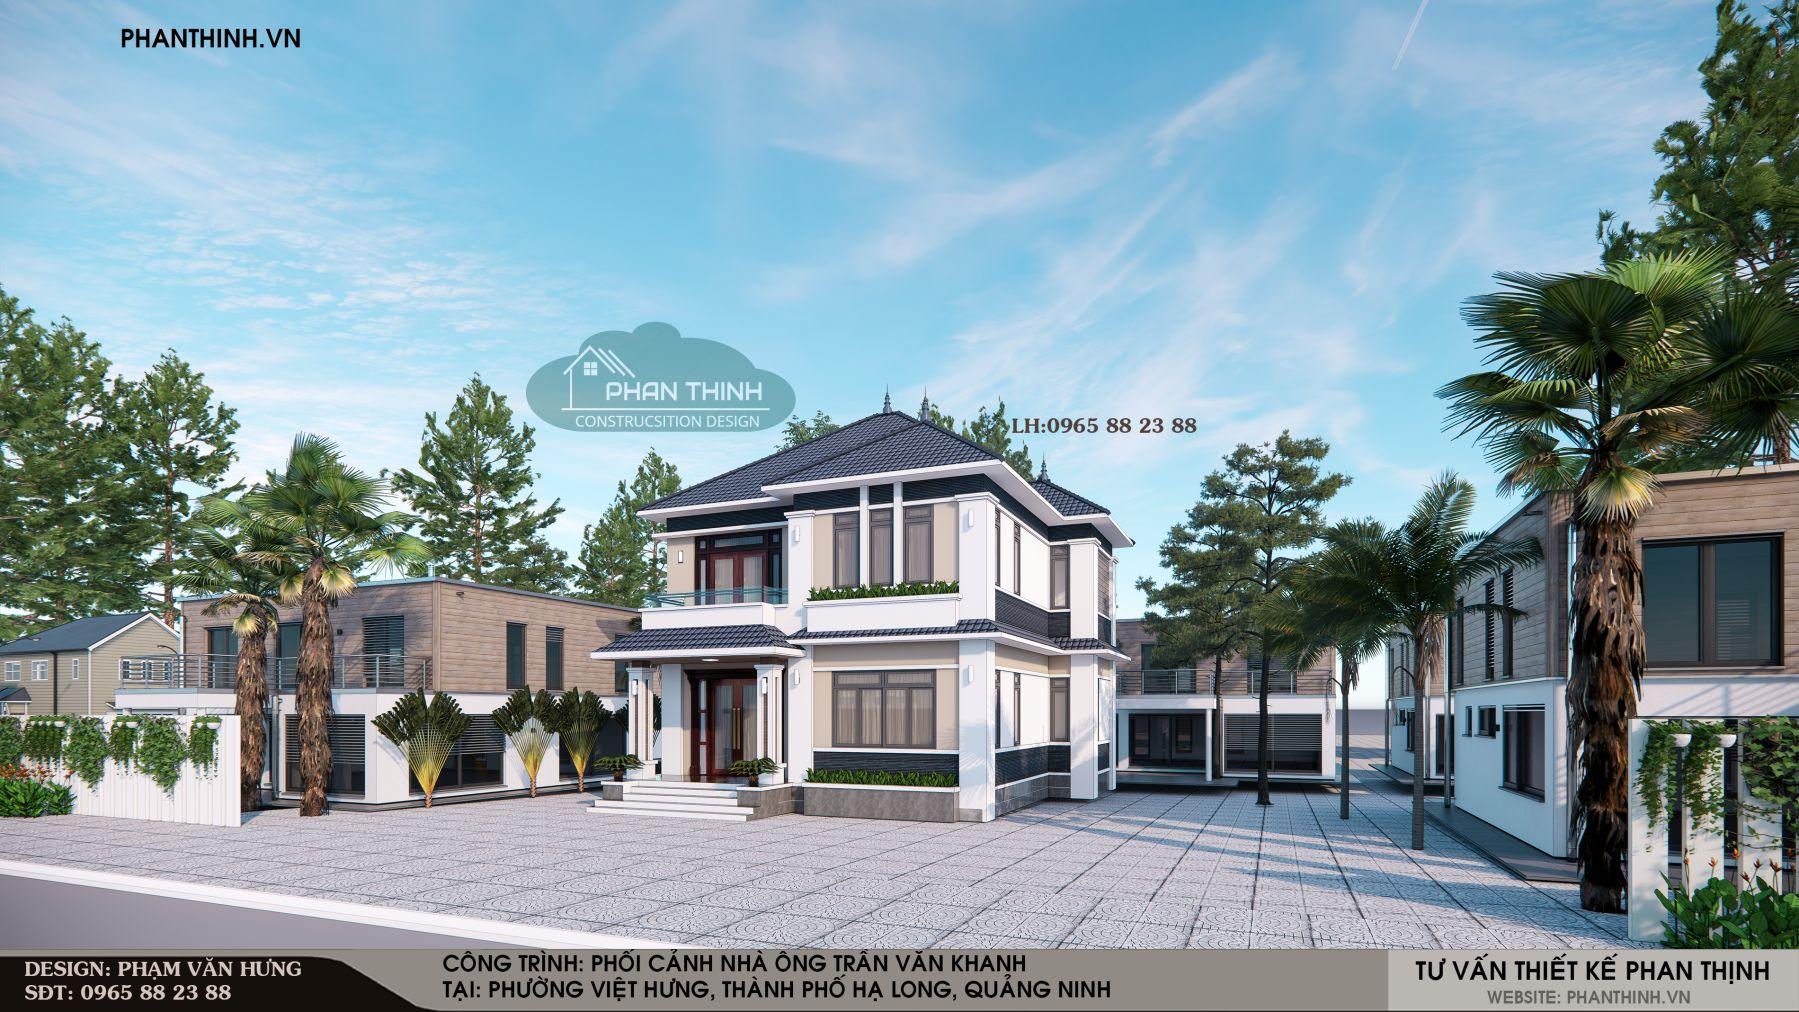 Thiết kế mặt tiền căn biệt thự 2 tầng tại phường Việt Hưng, Hạ Long, Quảng Ninh